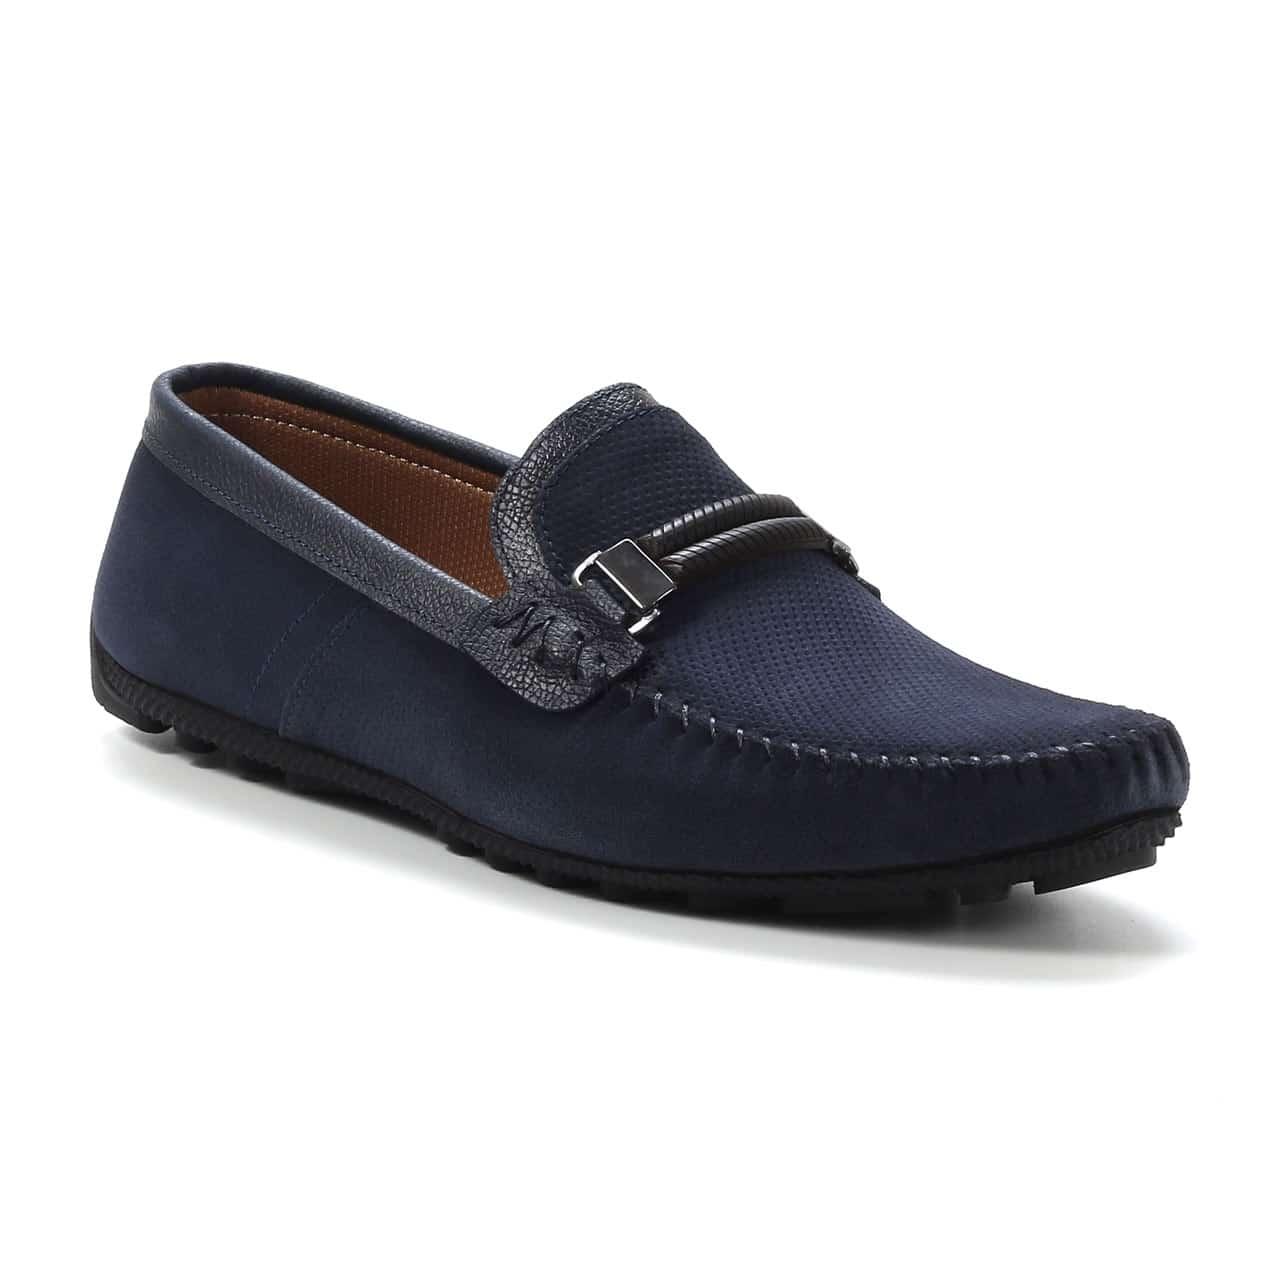 Kožna muška obuća - Muške Cipele - Mokasine i Brodarice Brodarice - MK02-2 - Teget